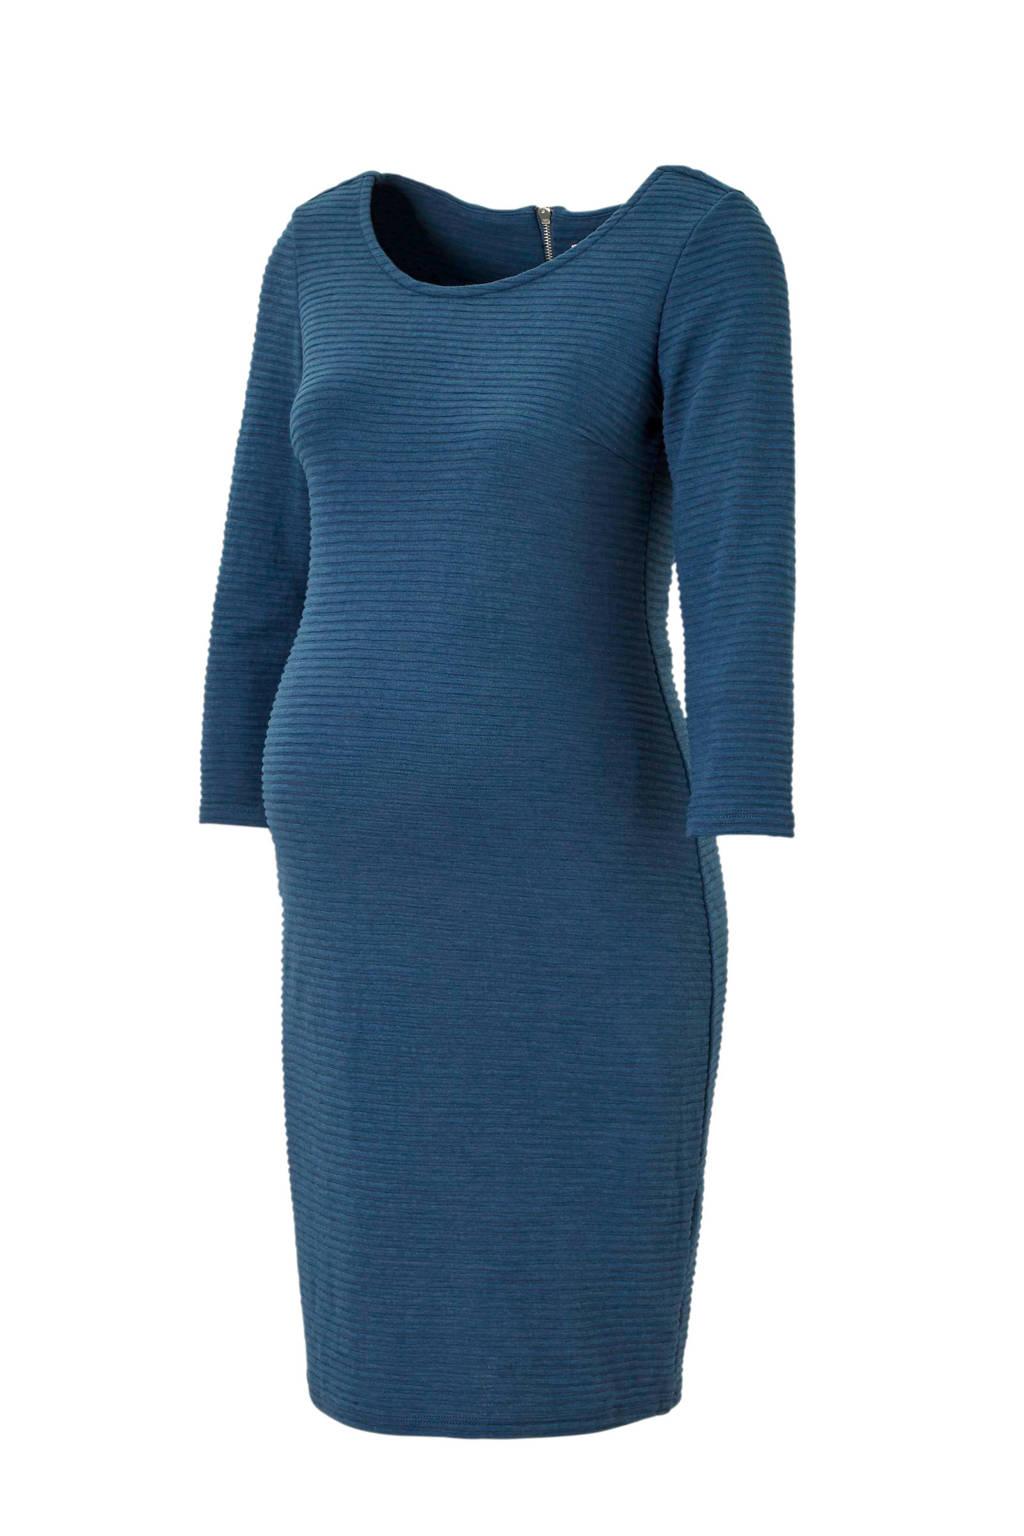 Noppies zwangerschapsjurk Zinnia met textuur blauw, Blauw